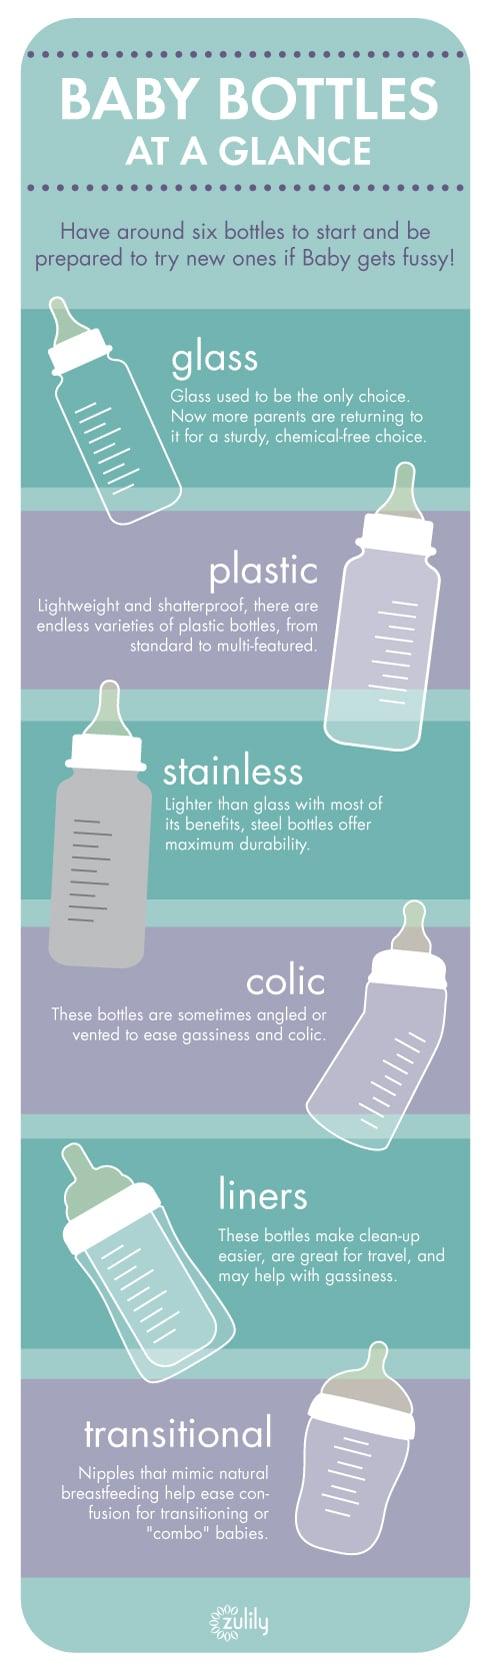 Bottle Feeding and Pumping Basics